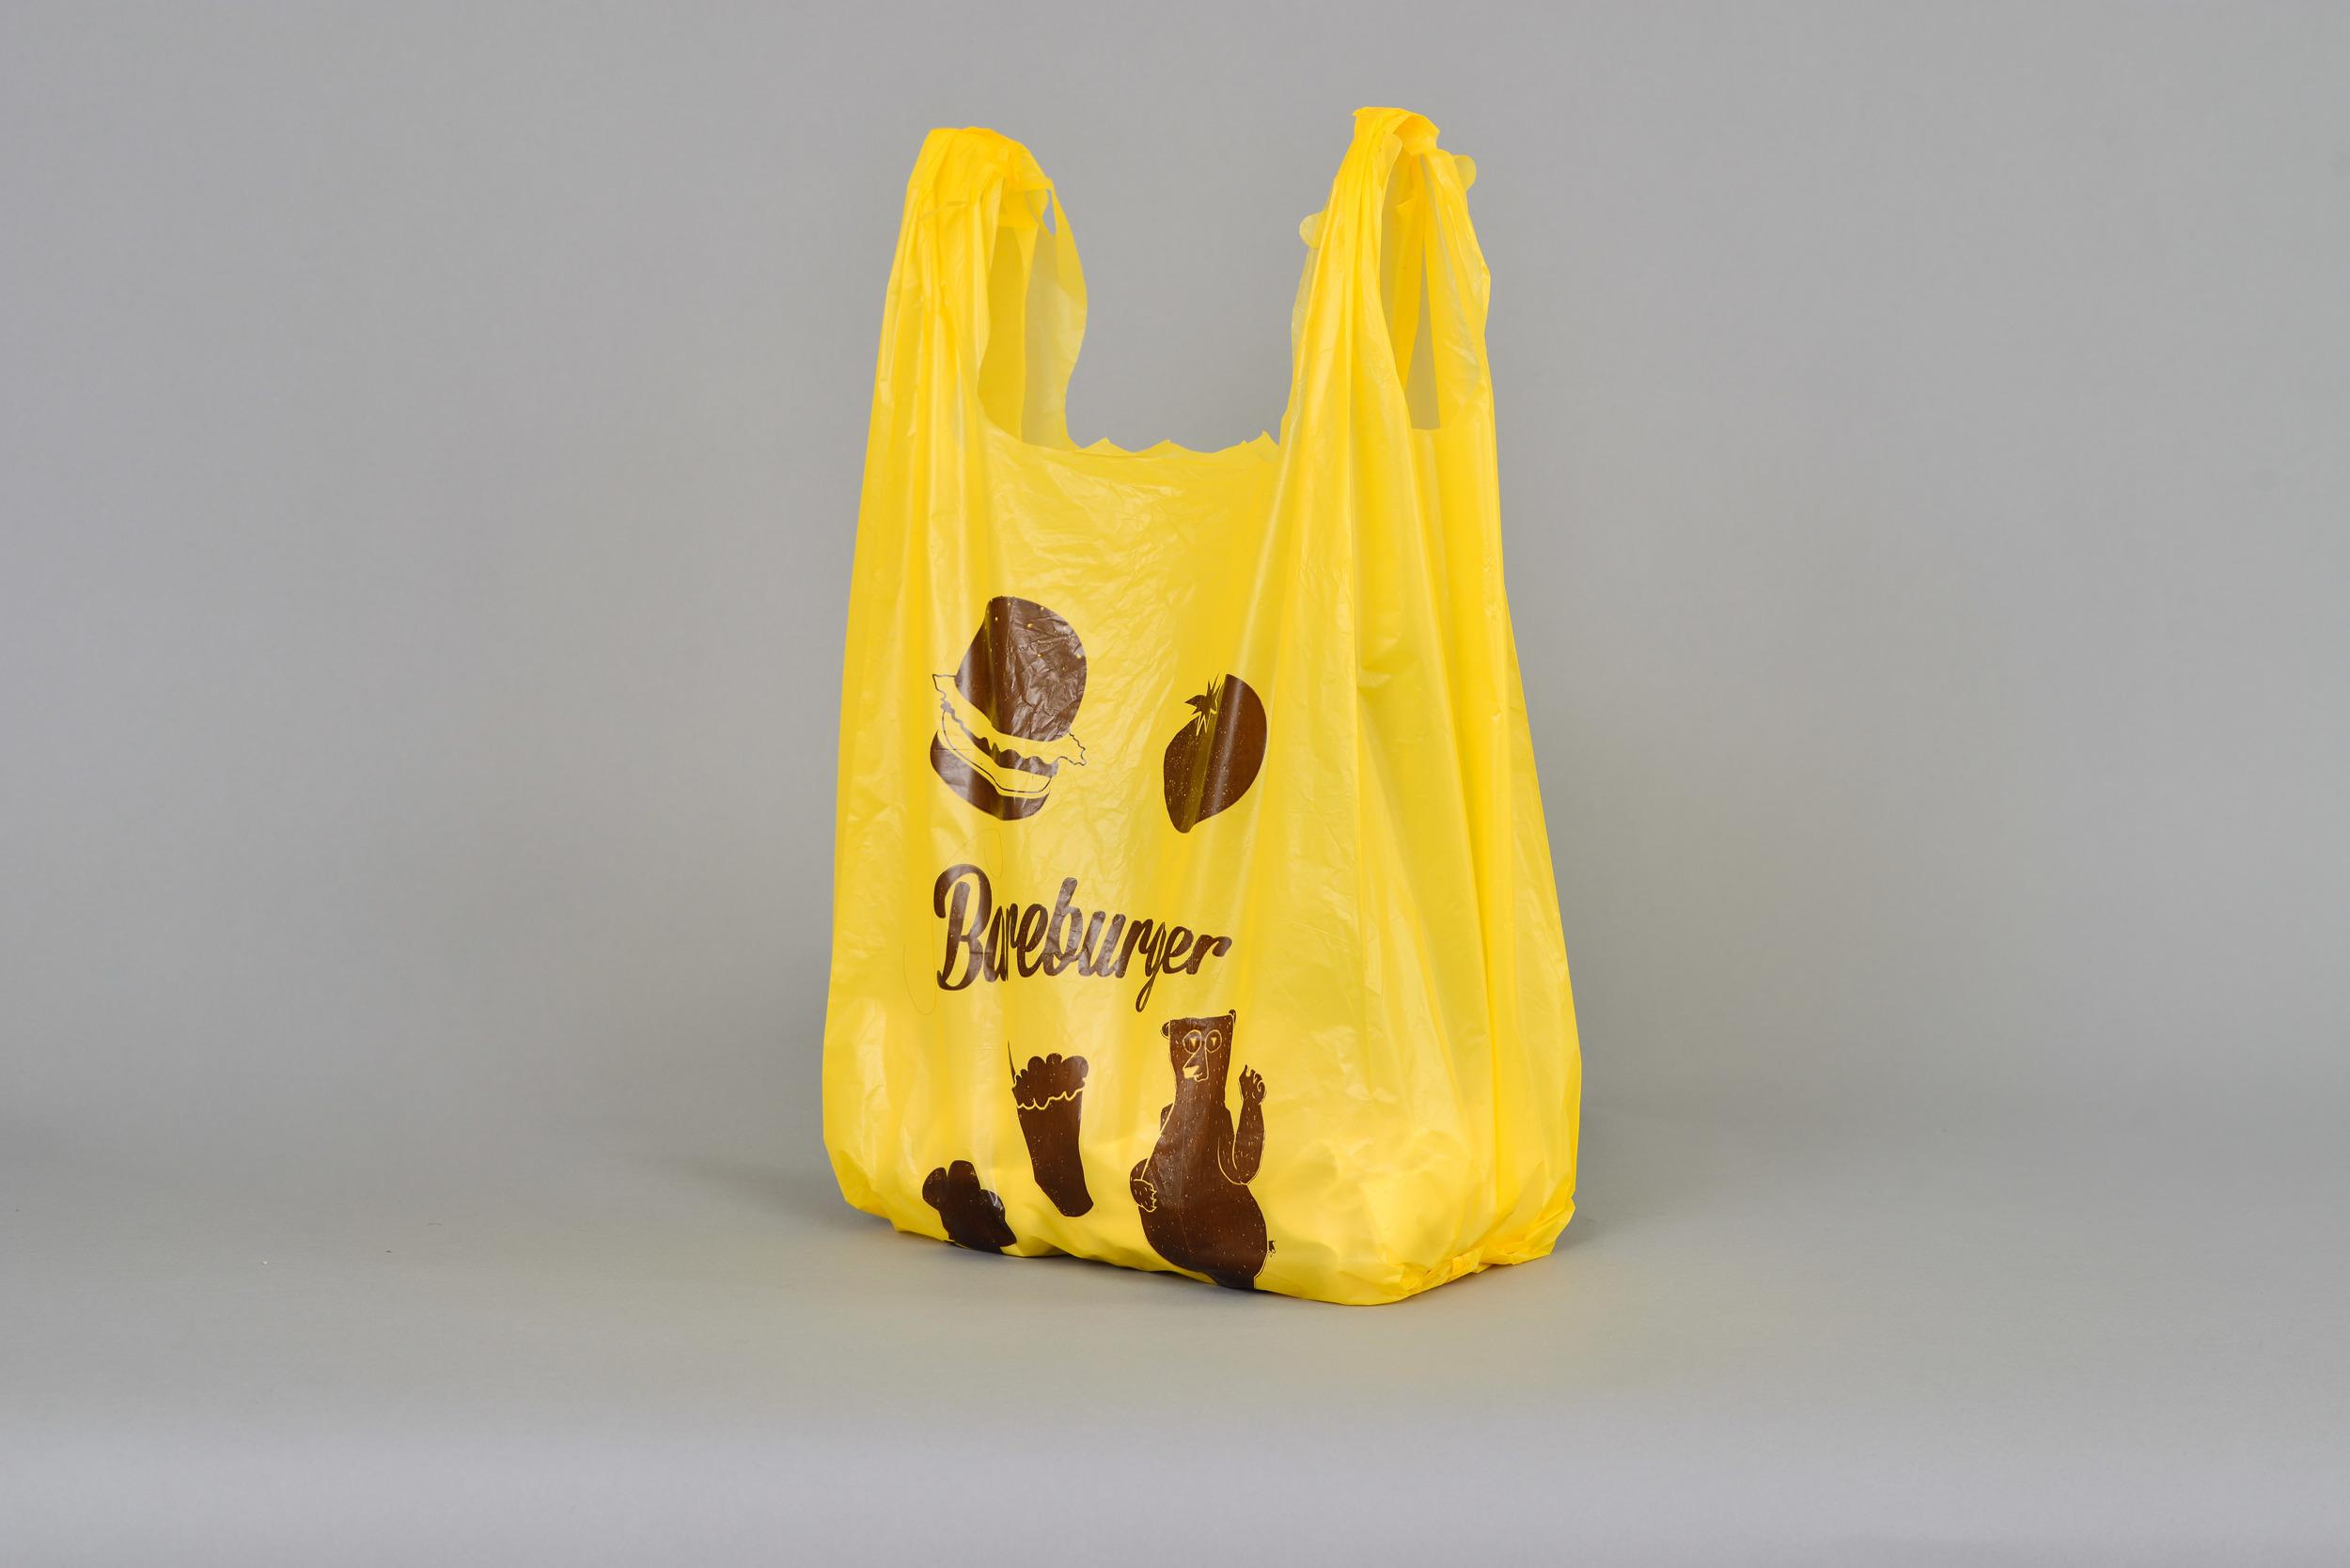 CPI Packaging - Bareburger